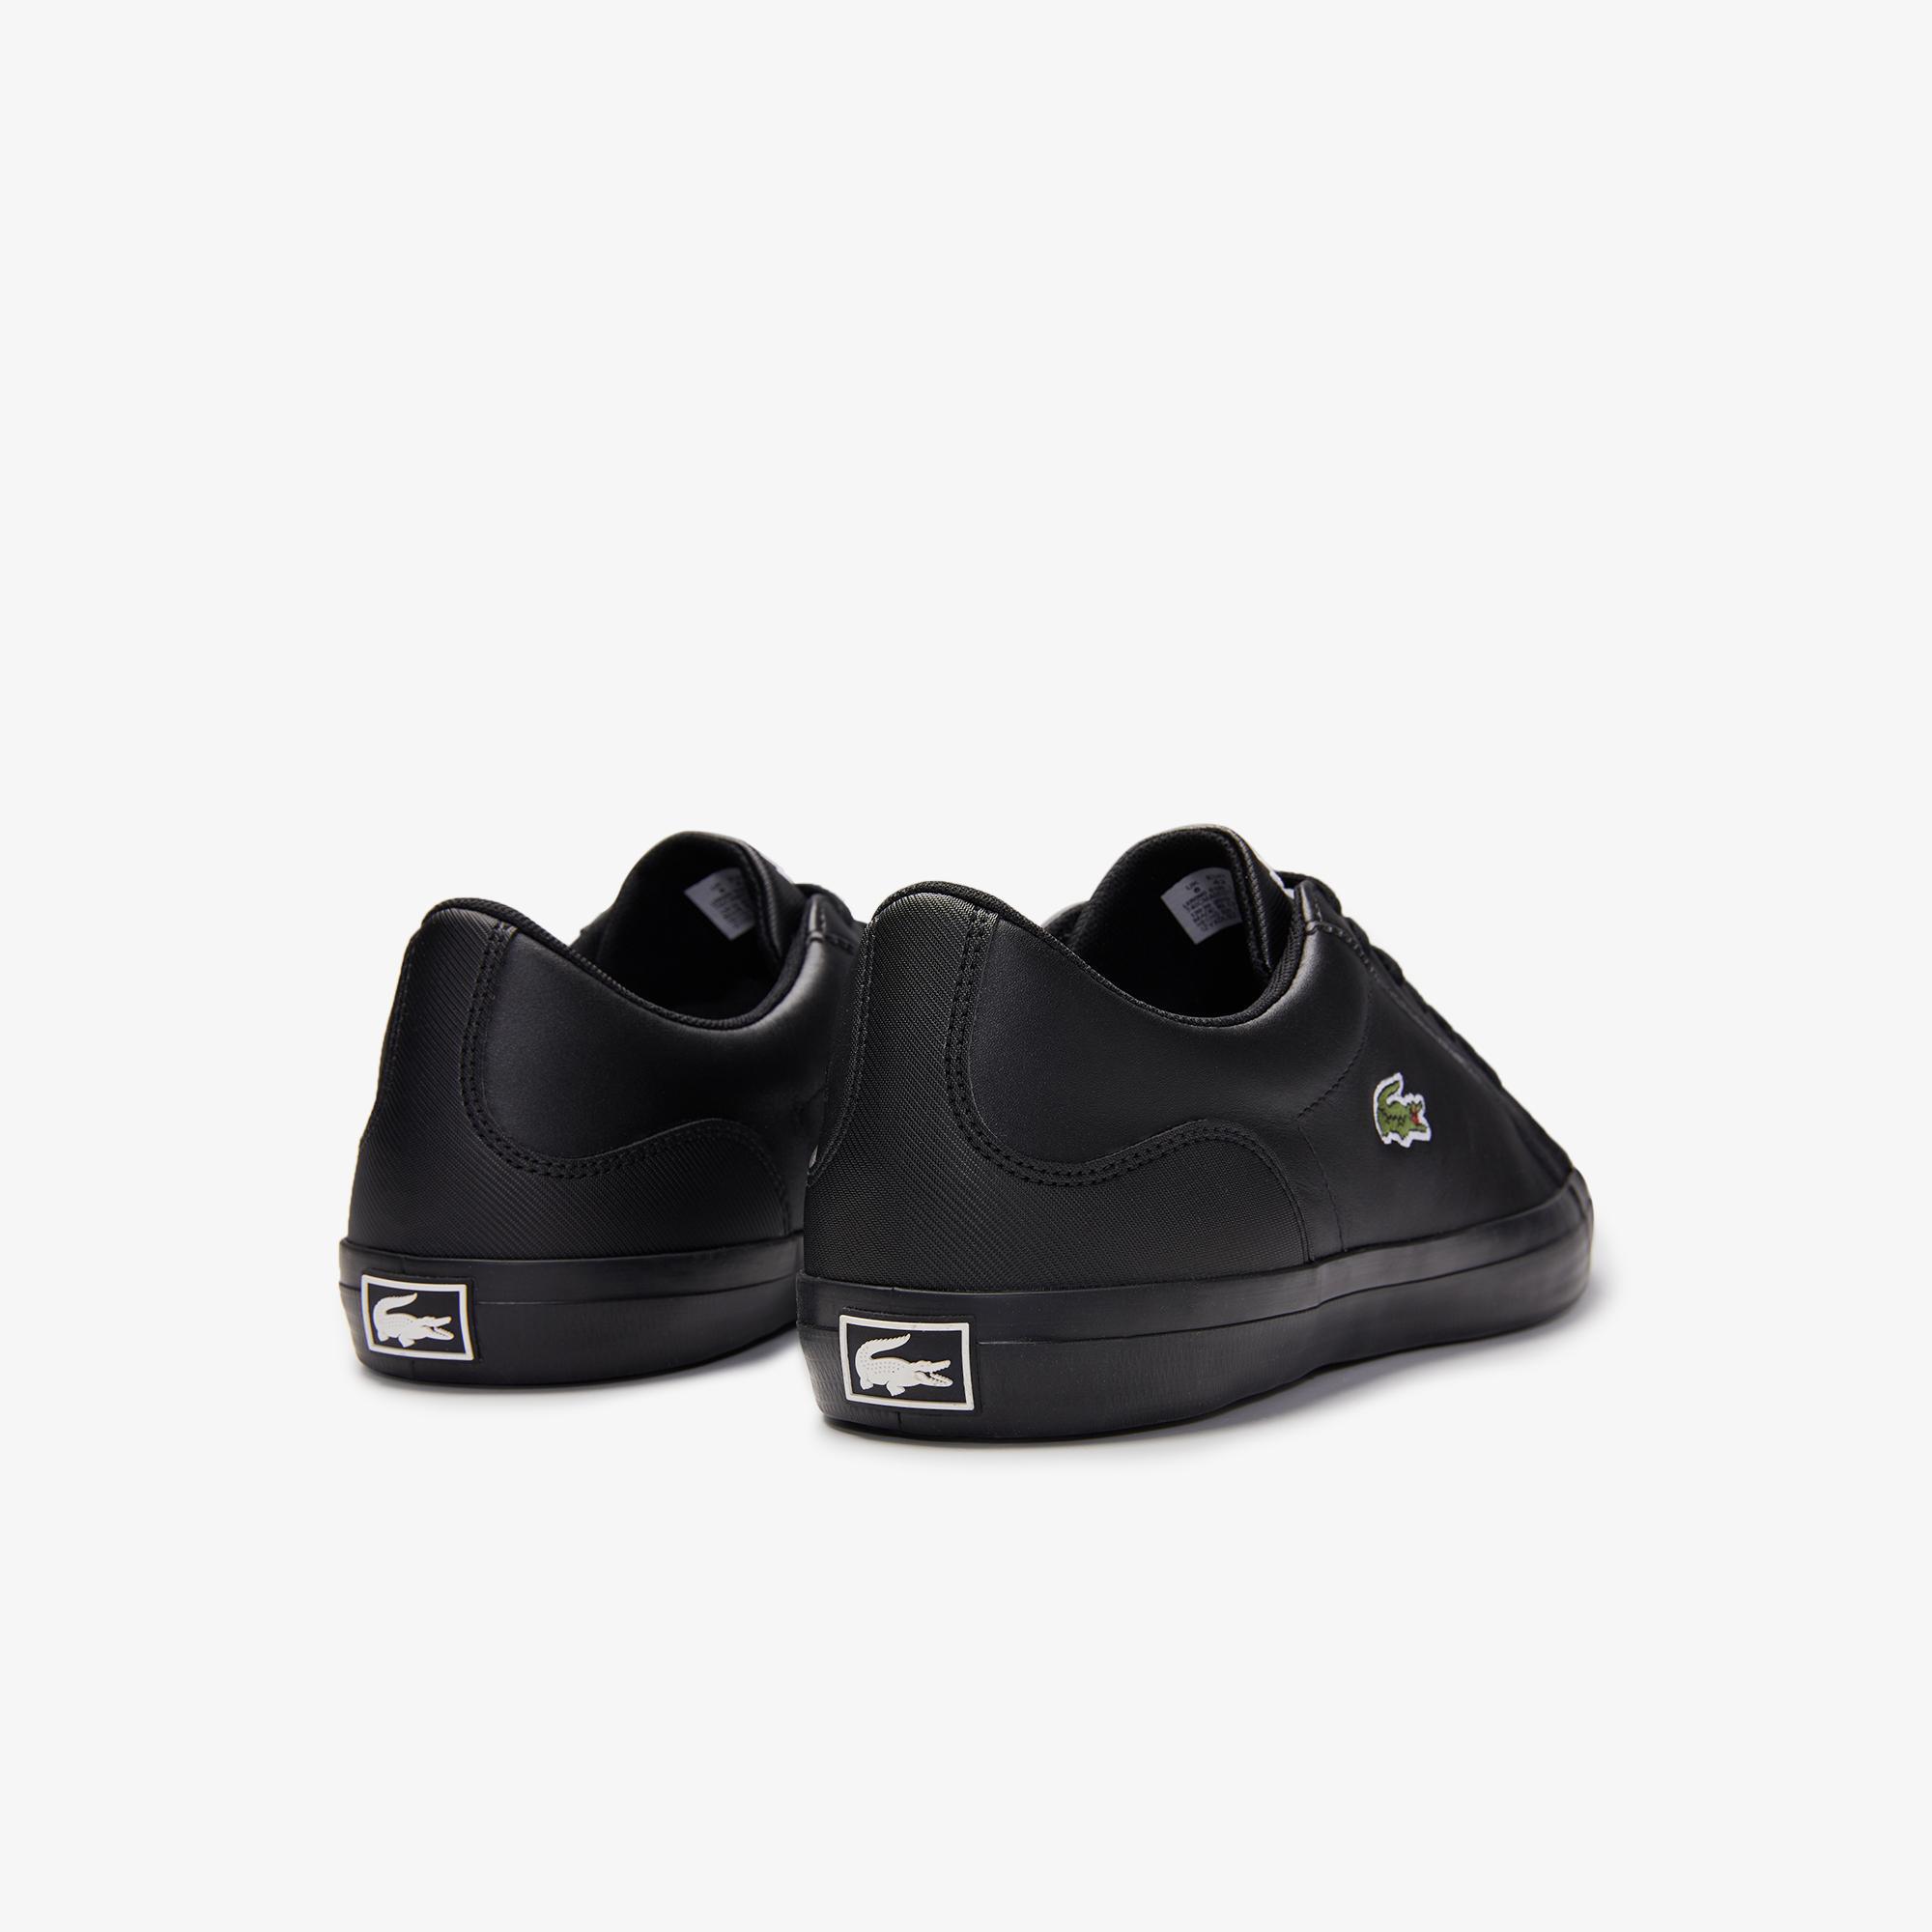 Lacoste Lerond 0120 1 Cma Erkek Deri Siyah Casual Ayakkabı